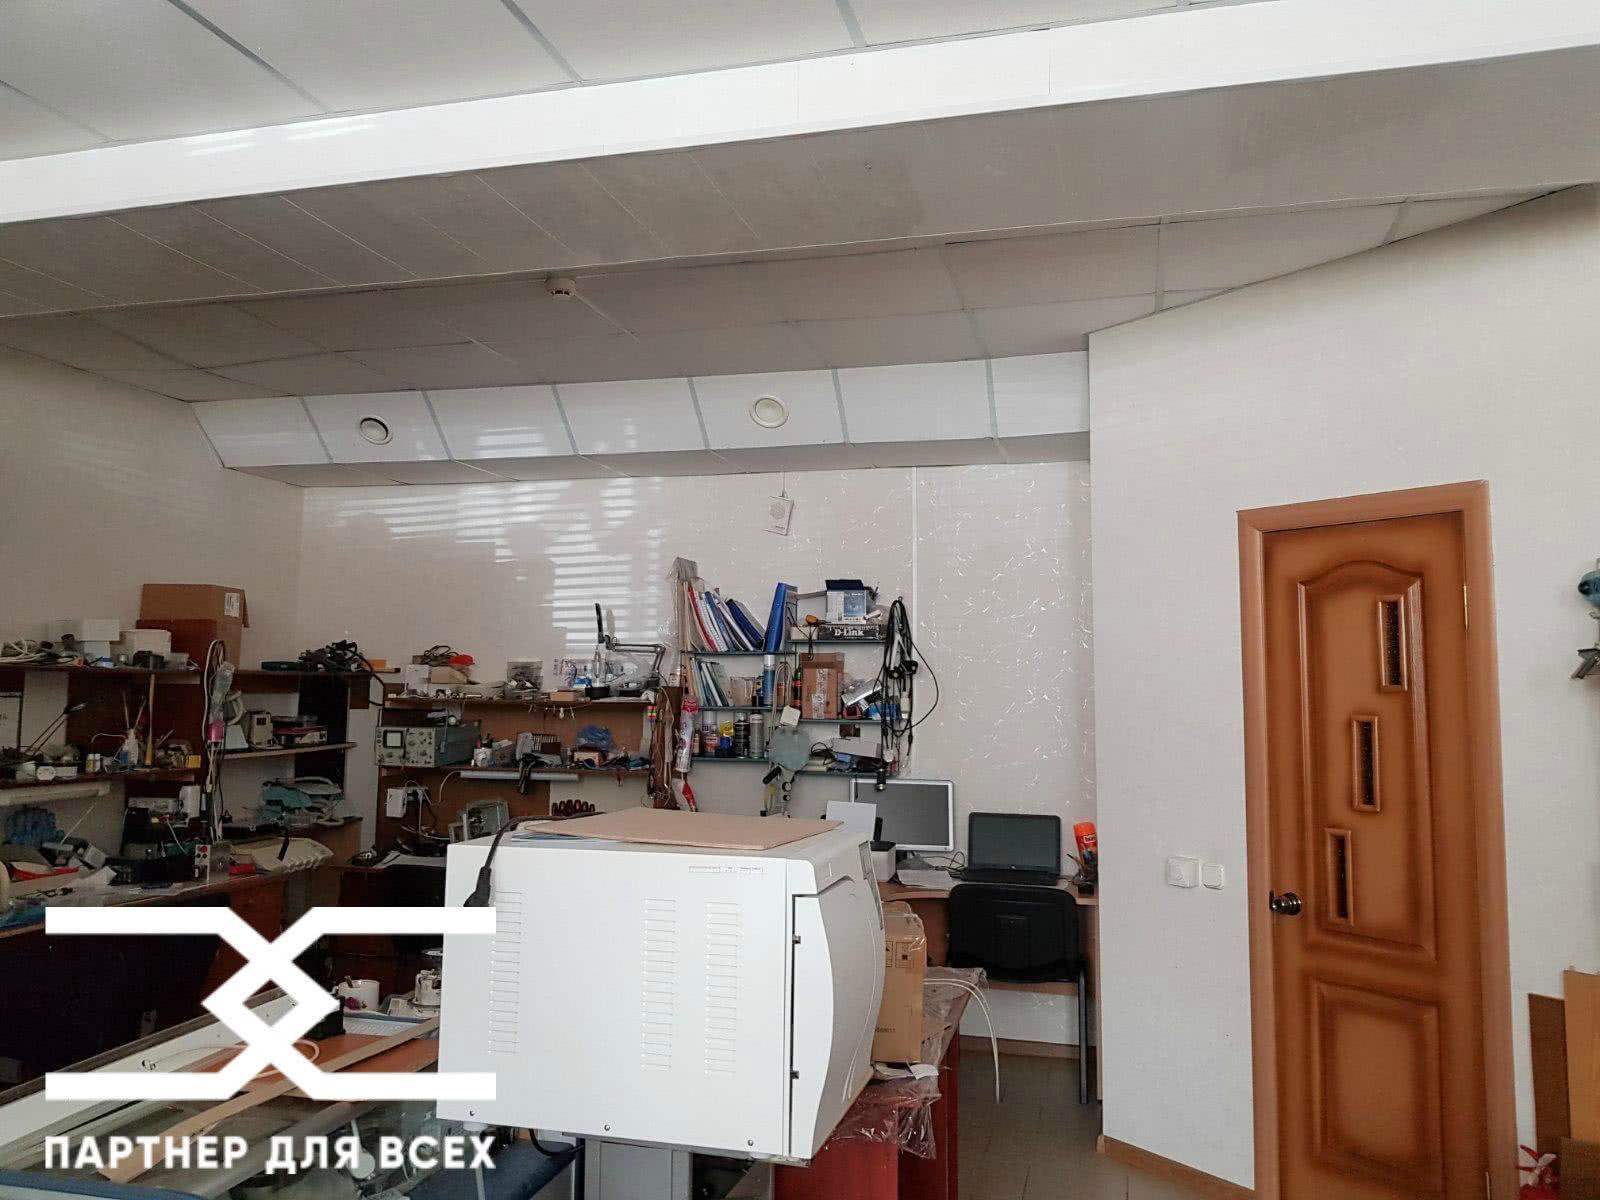 Продажа офиса на ул. Пономаренко, д. 35/А в Минске - фото 3